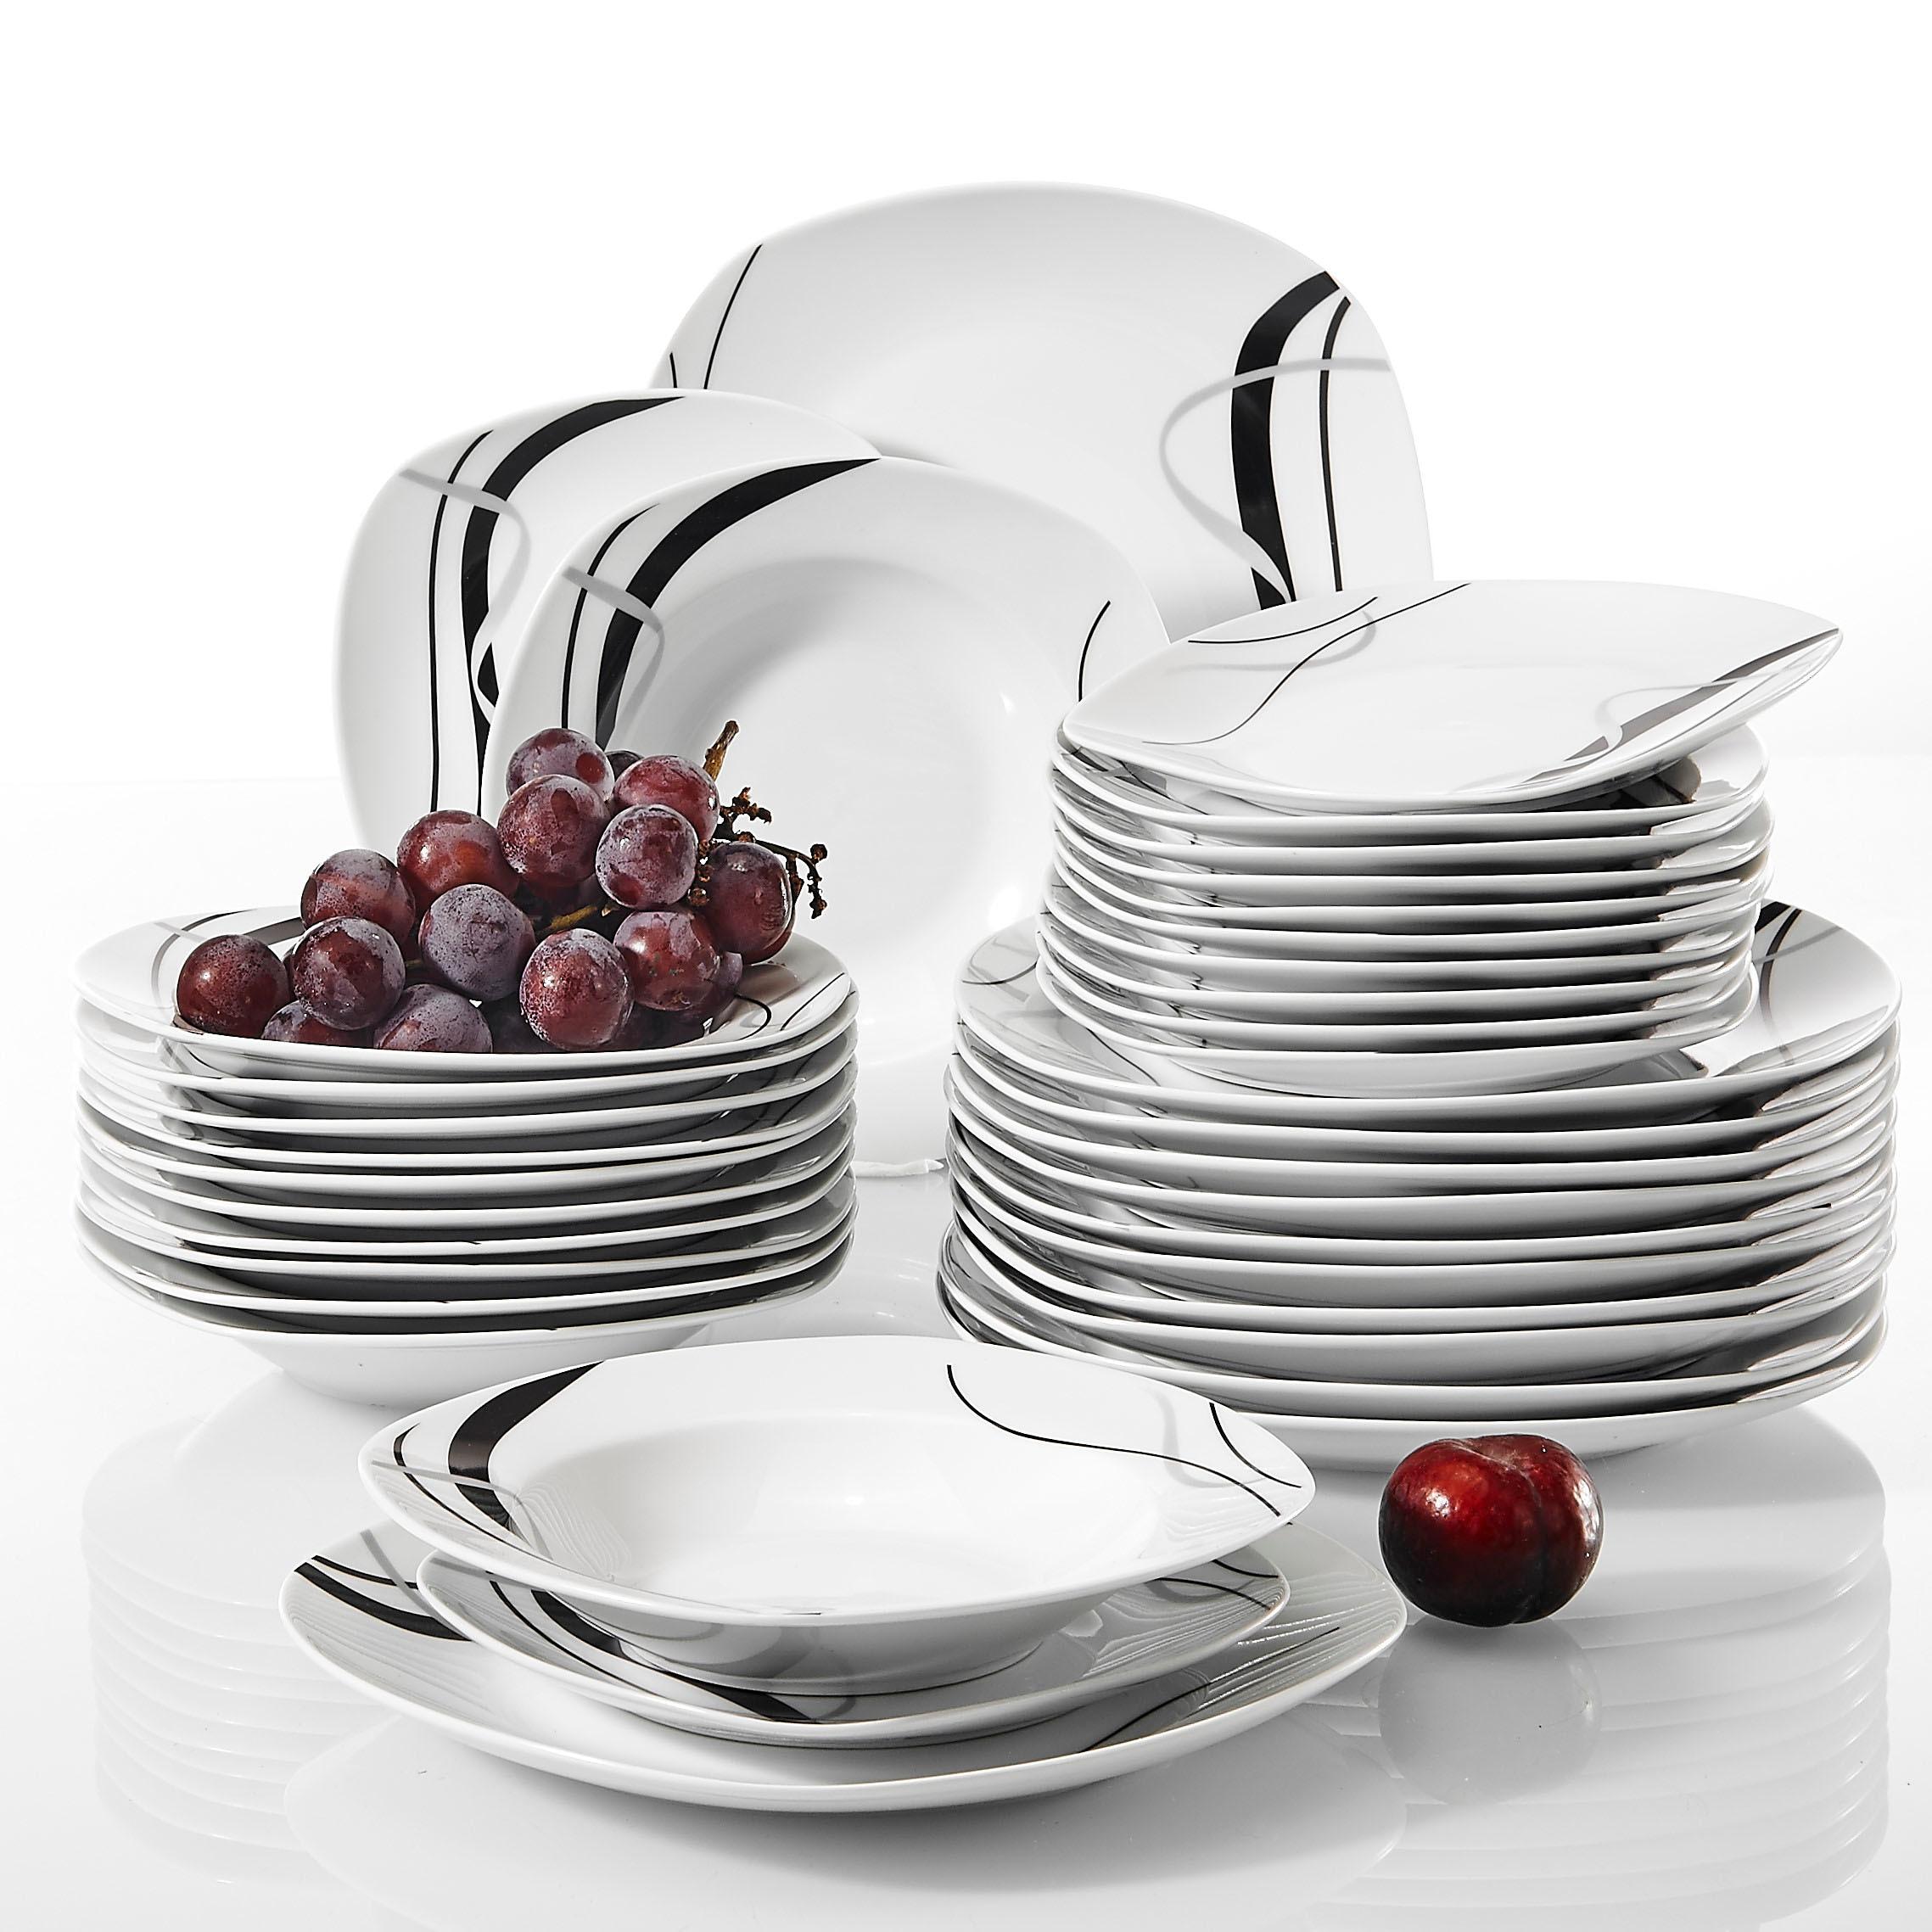 VEWEET FIONA vaisselle de cuisine en céramique | Porcelaine, 36 pièces ligne noire, service de vaisselle avec assiette à dîner, assiette à Dessert, assiette à soupe